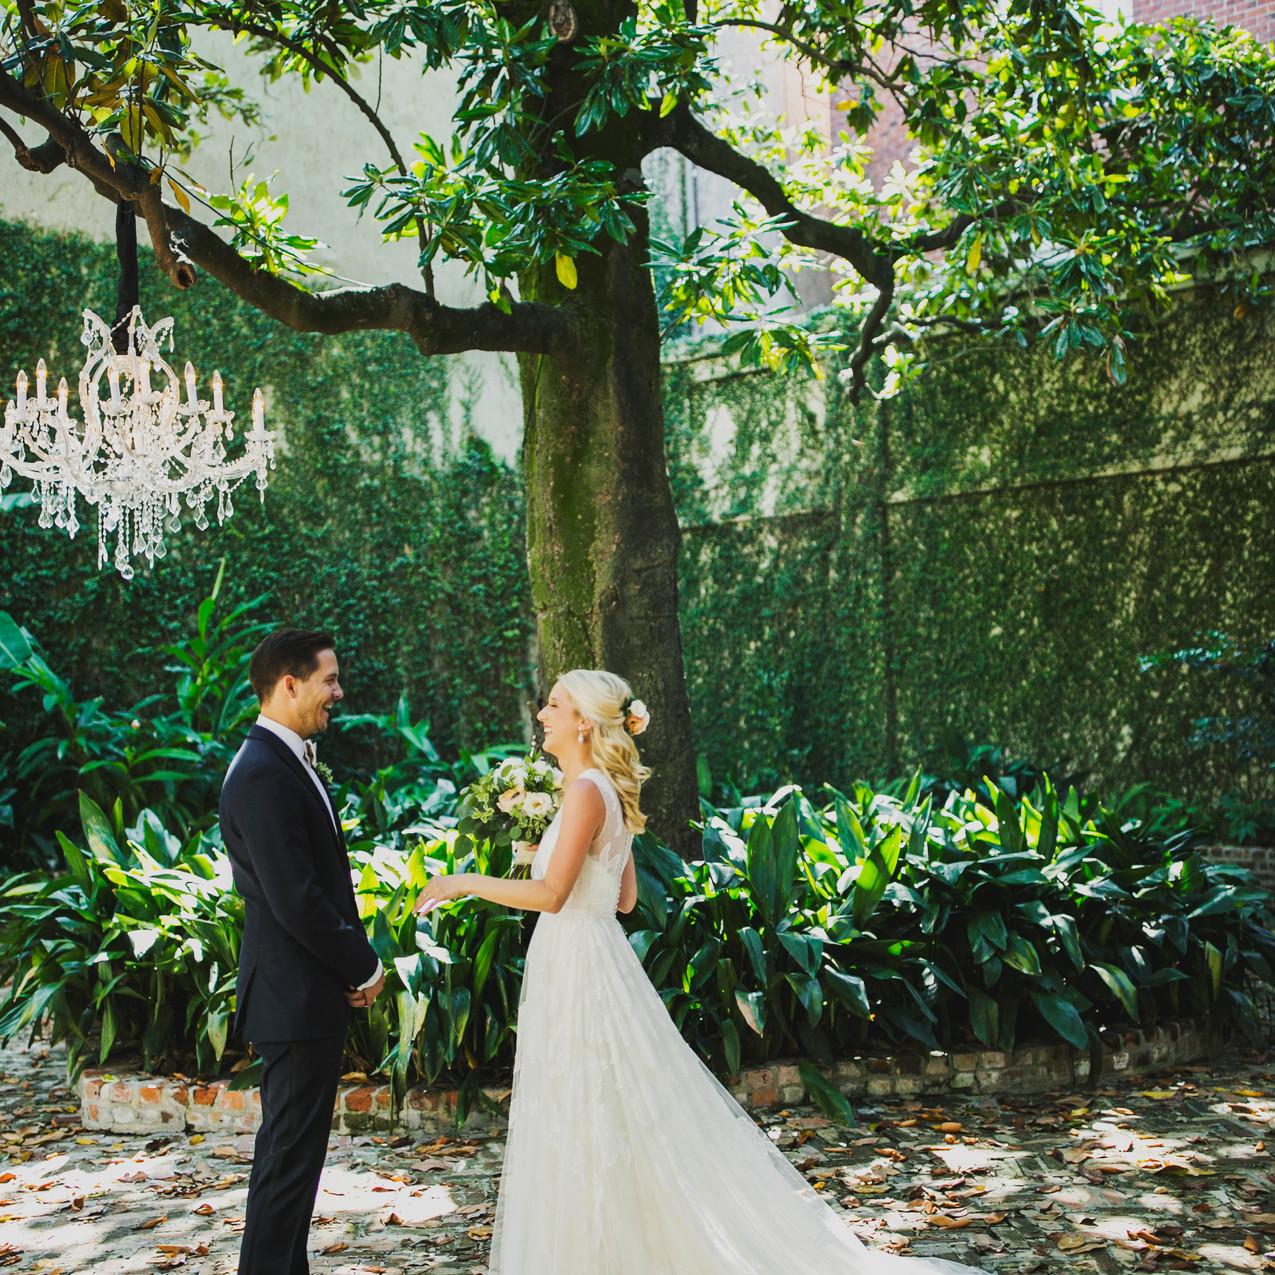 cb_wedding-bg-110